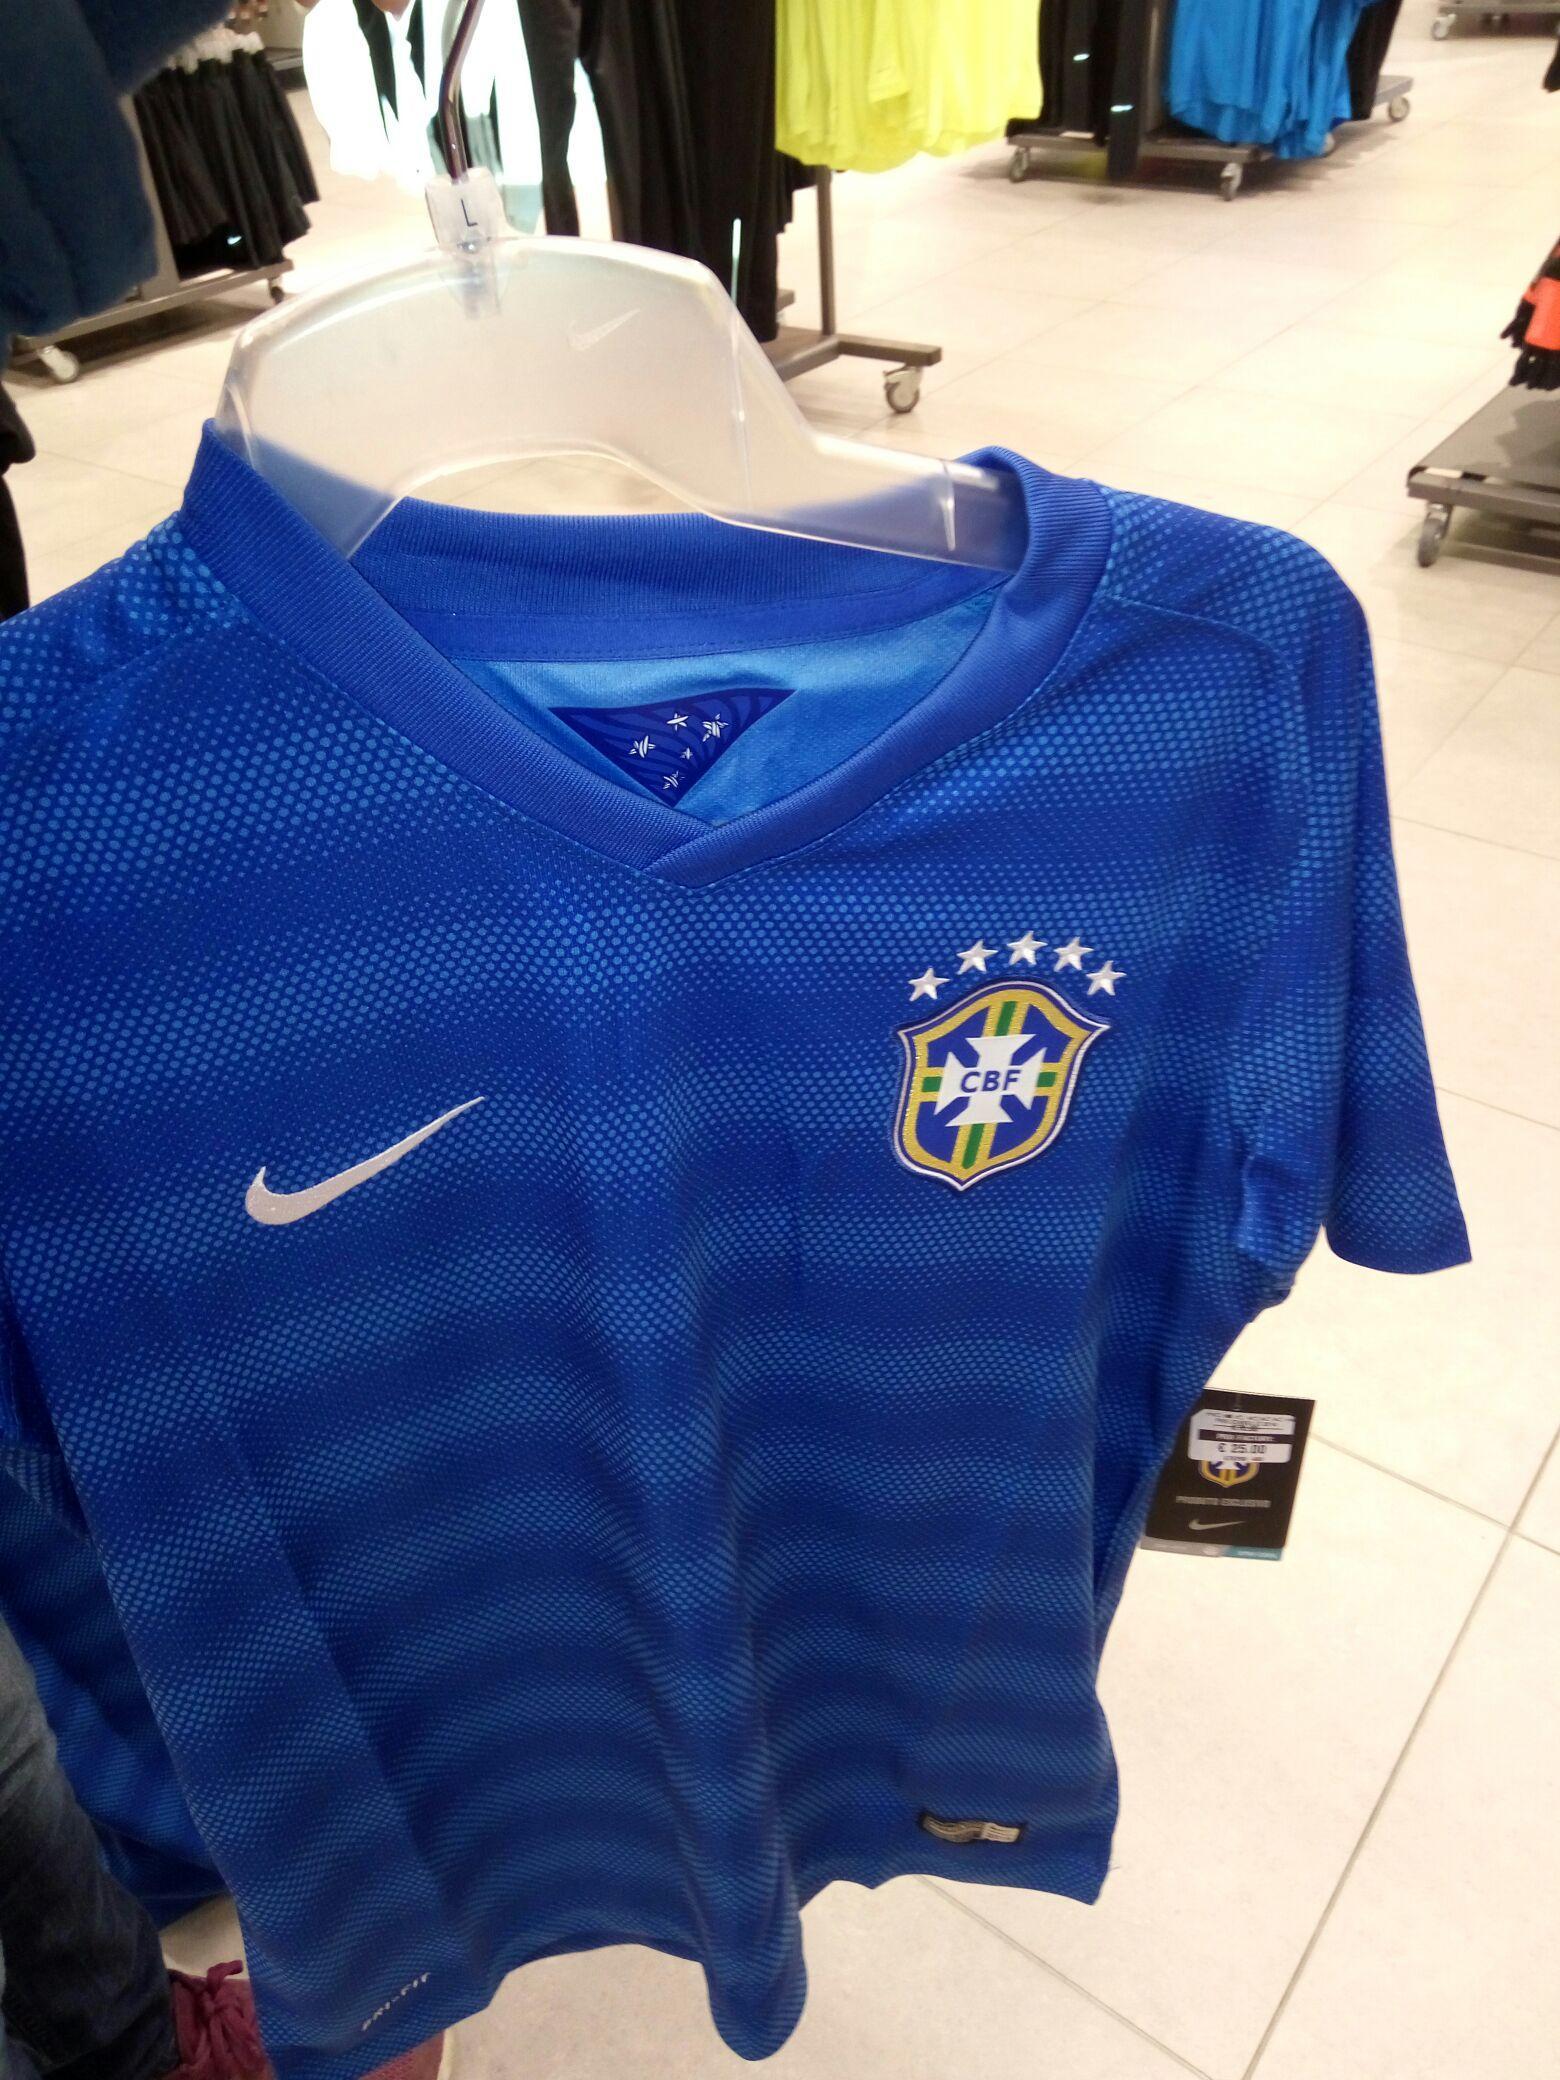 Maillot de foot Brésil Extérieur 2014/2015 (taille enfant)